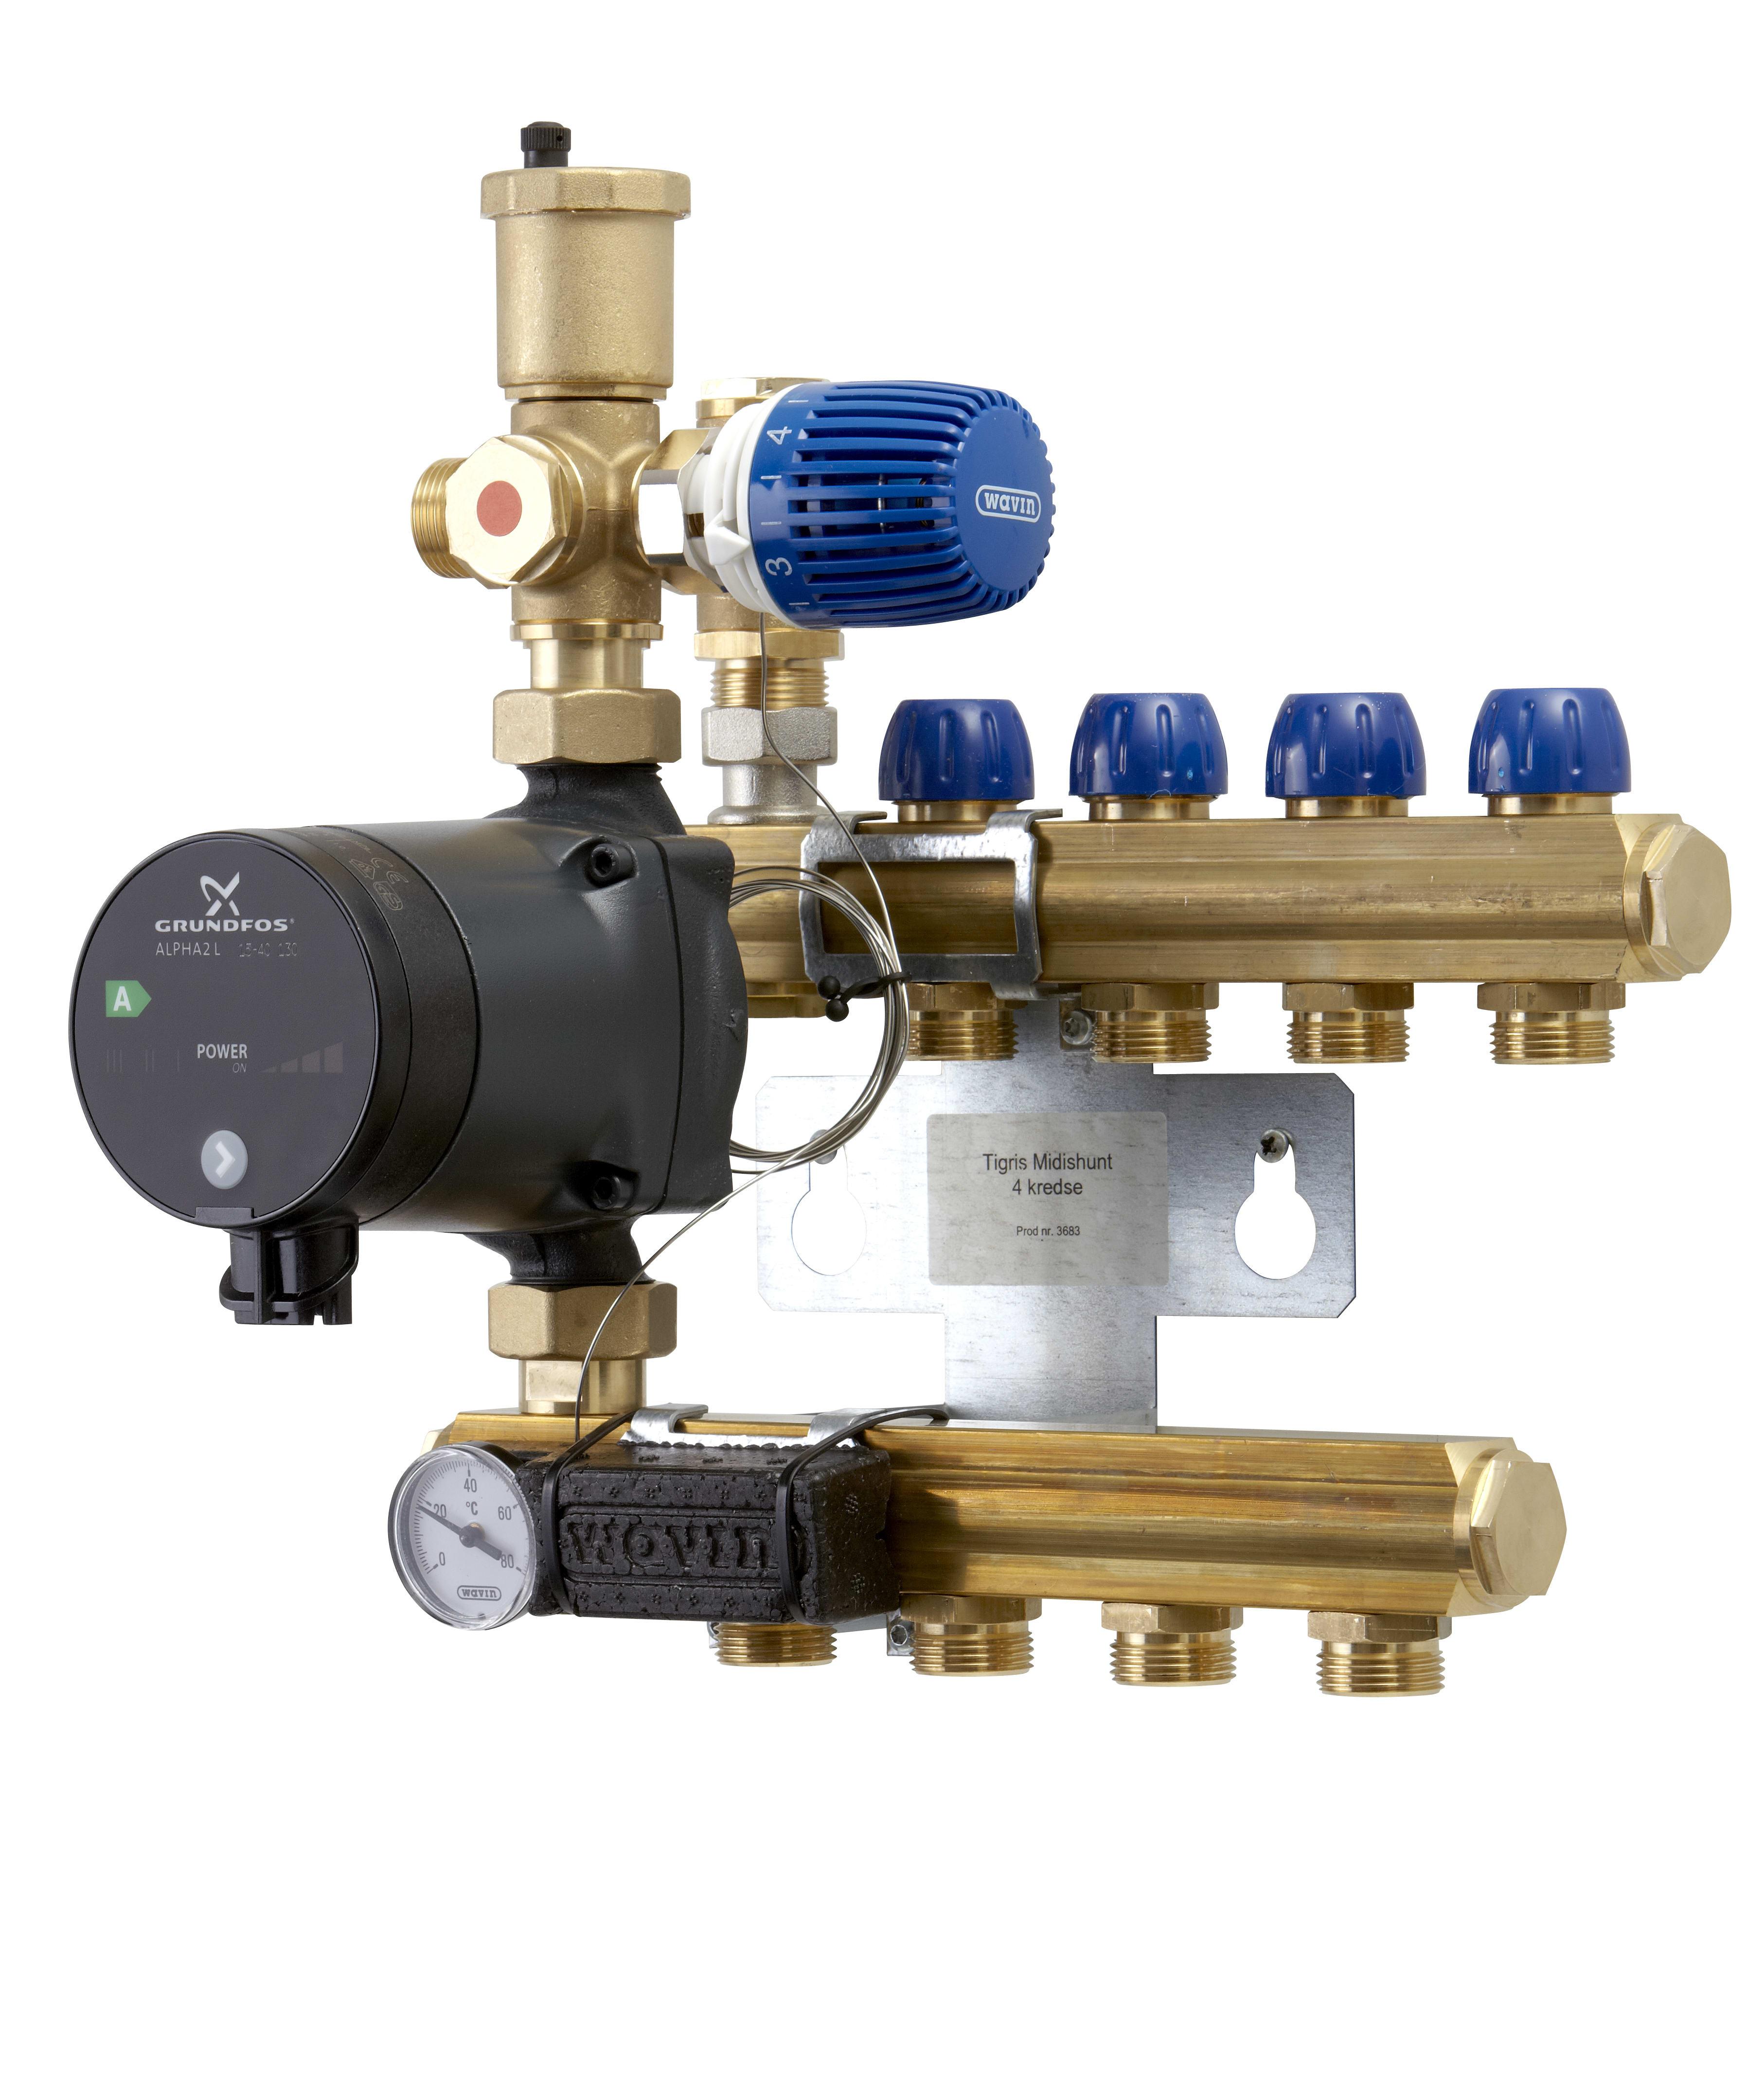 Fantastisk Køb Wavin Tigris midishunt 5-kredse m. AlphaL 15-40 pumpe 466221555 DK53